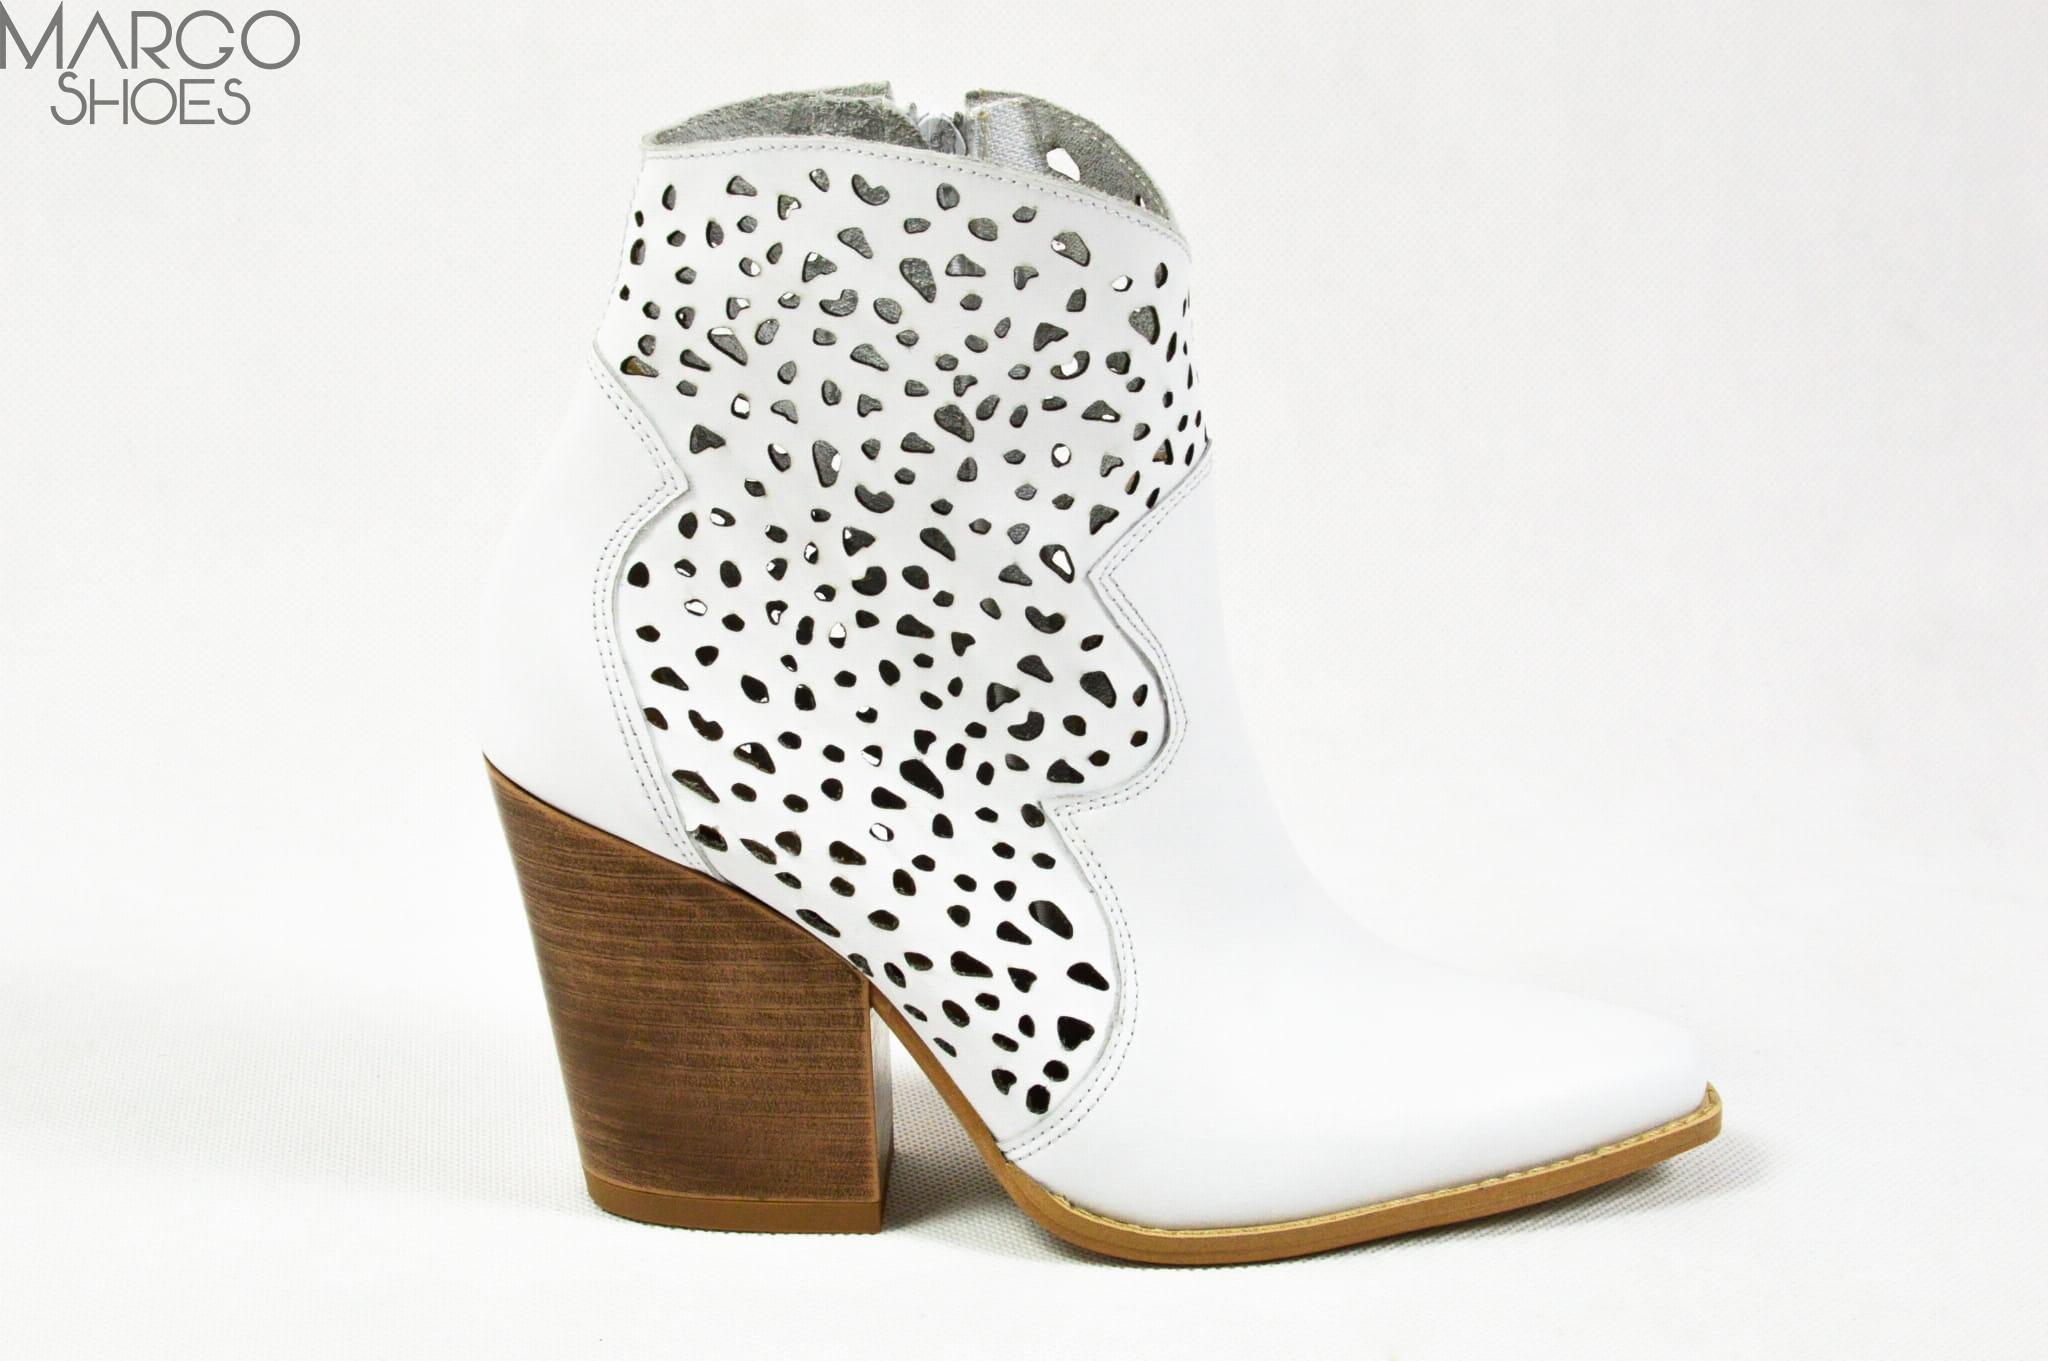 MargoShoes rude ażurowe kowbojki kowboje botki buty na obcasie ostry czubek skóra naturalna zamszowa skórzane kowbojki z perforacjami